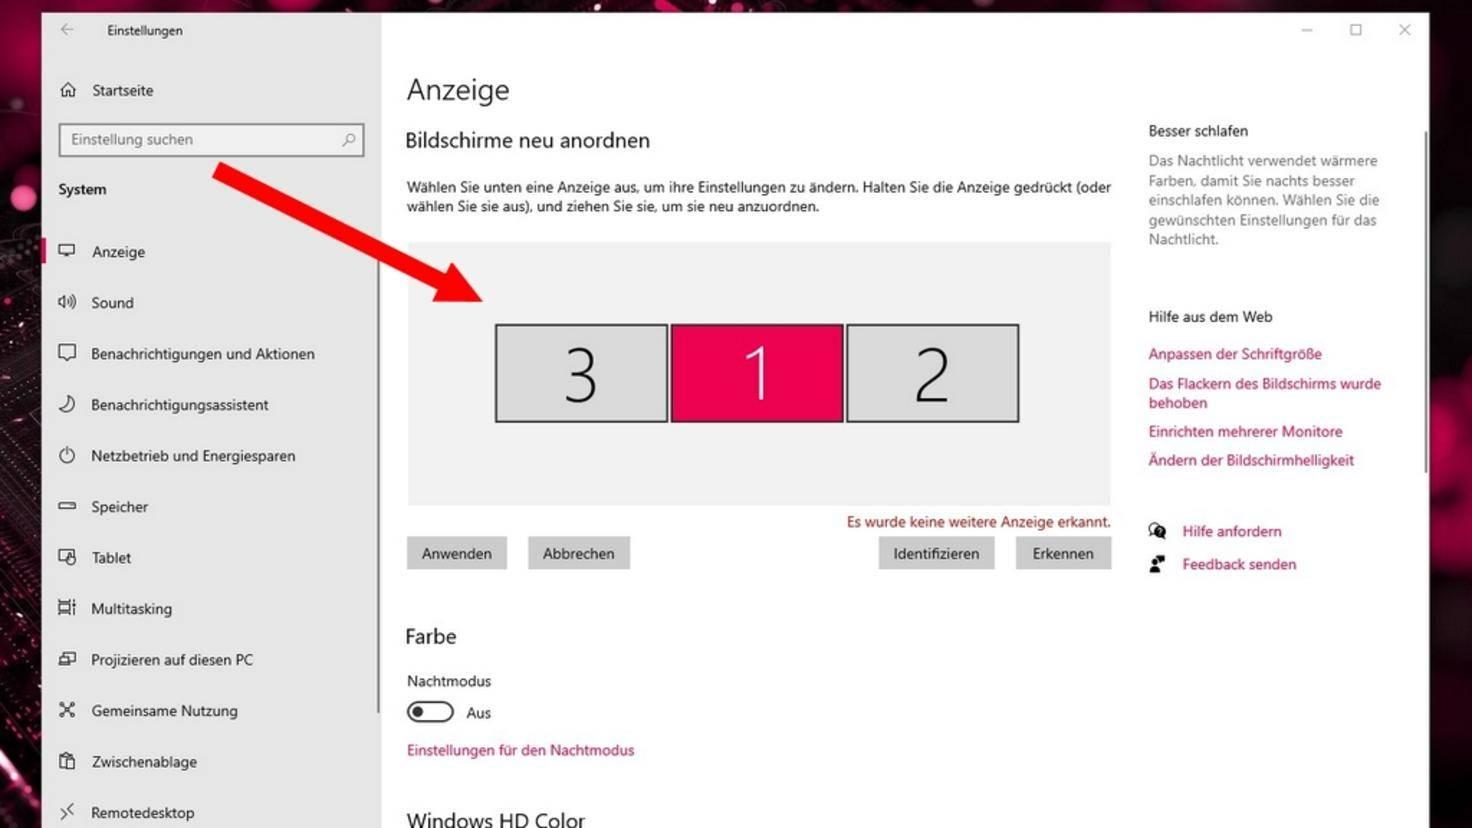 Windows_Anzeige-02